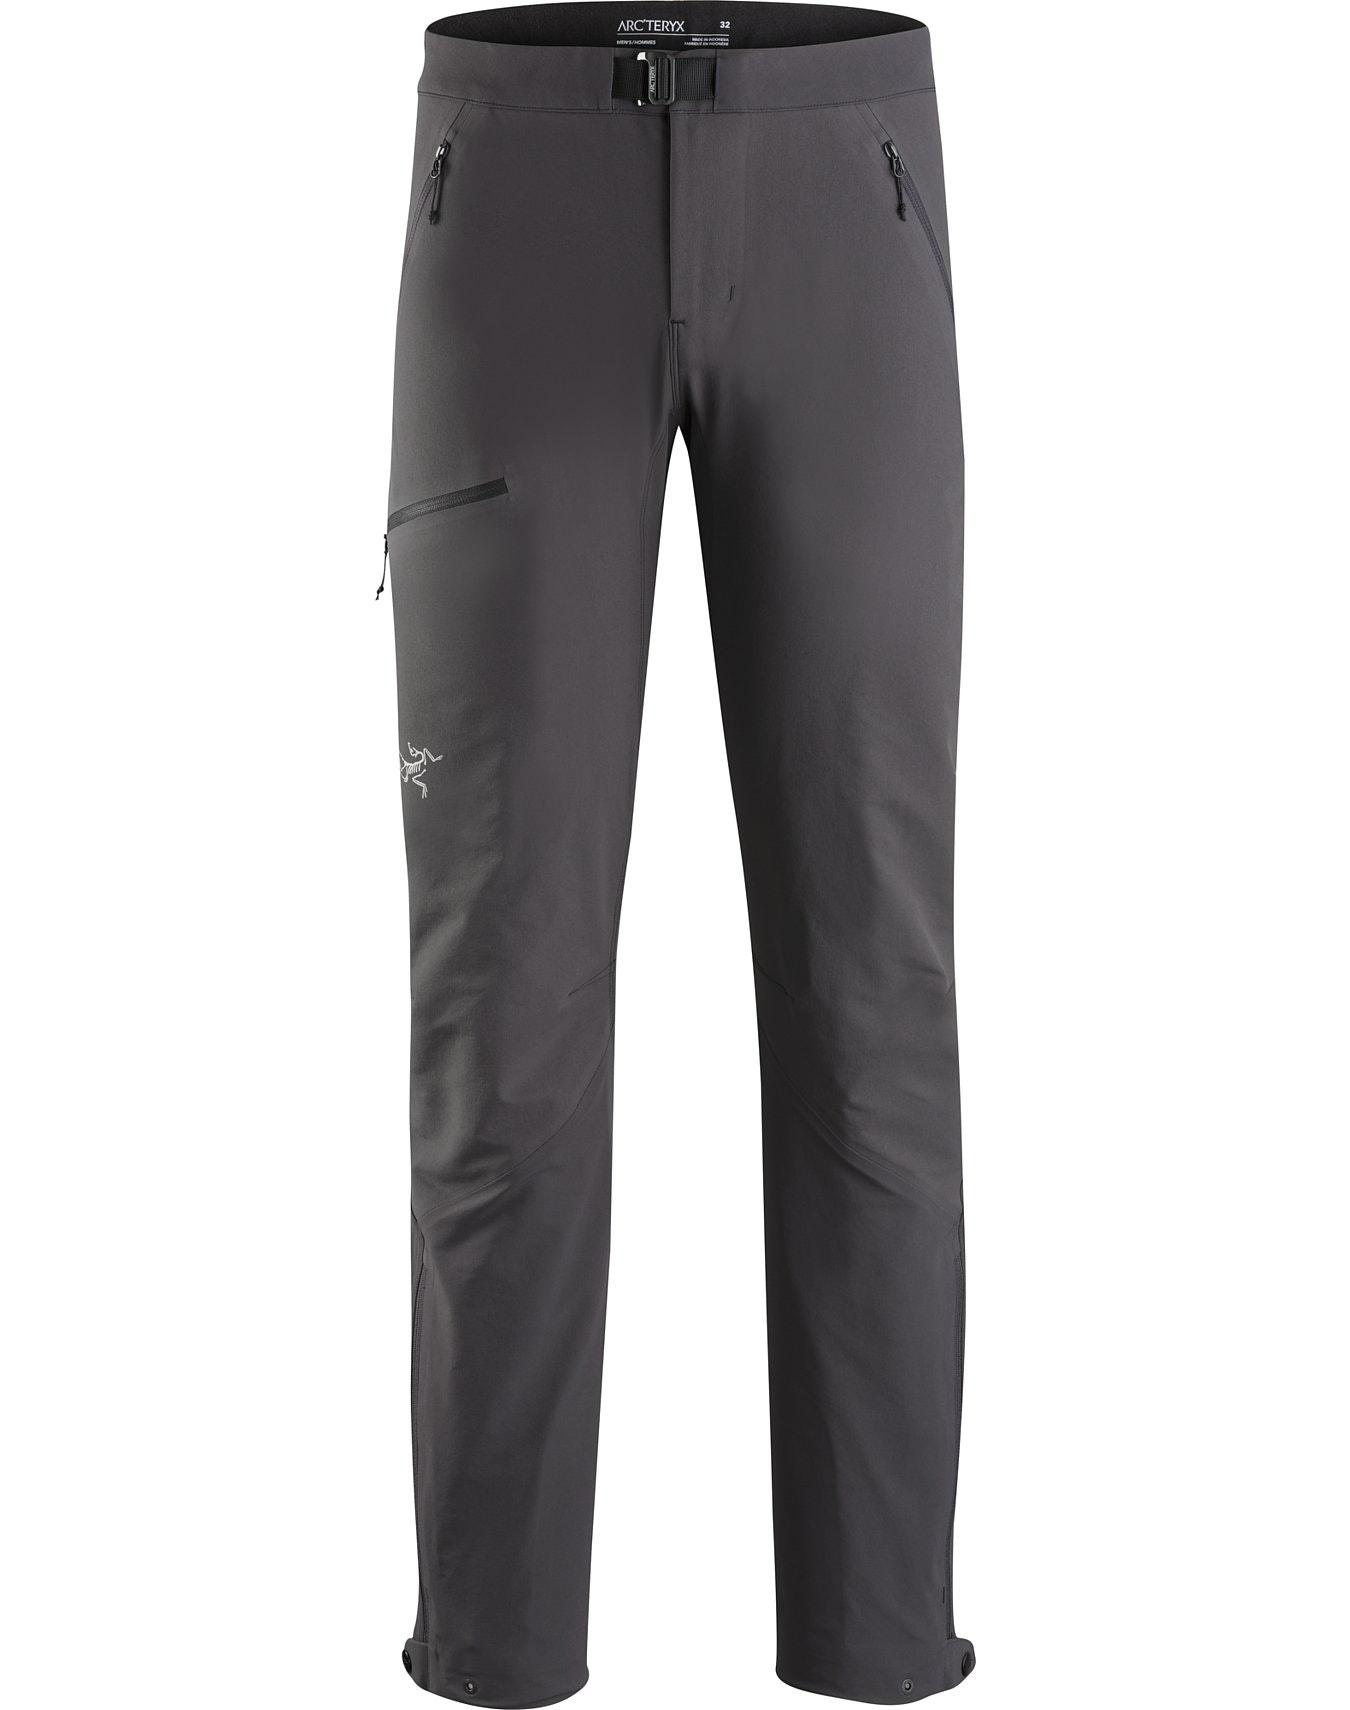 Arcteryx Men's Sigma AR Pant